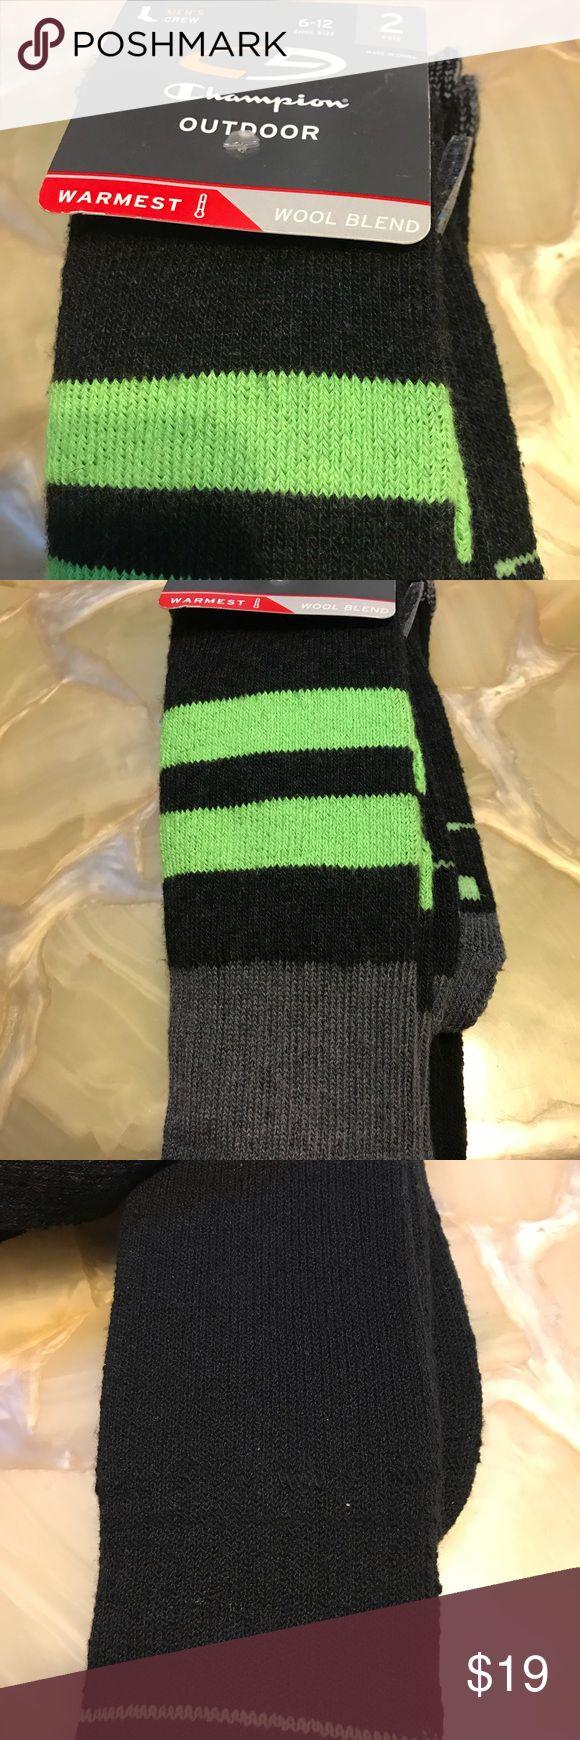 Champion Wool Blend Warm Thick Socks NWT New Champion Underwear & Socks Casual Socks